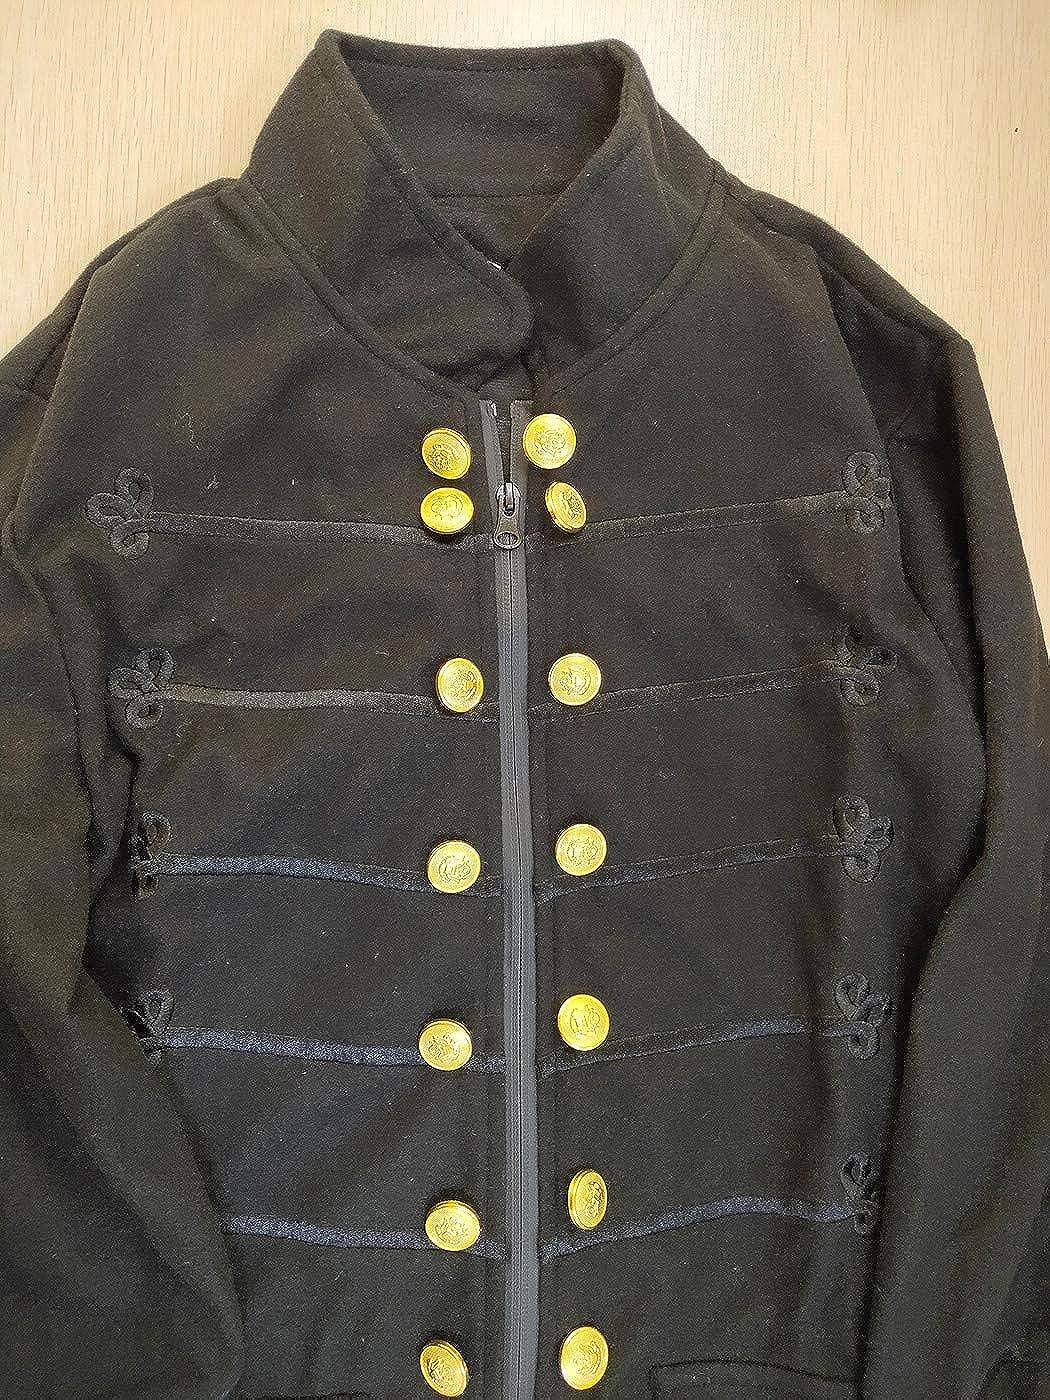 DaiWeiDress Hommes Uniforme dofficier Veste de d/éfil/é de Batteur Militaire F/ête costum/ée V/êtements dext/érieur